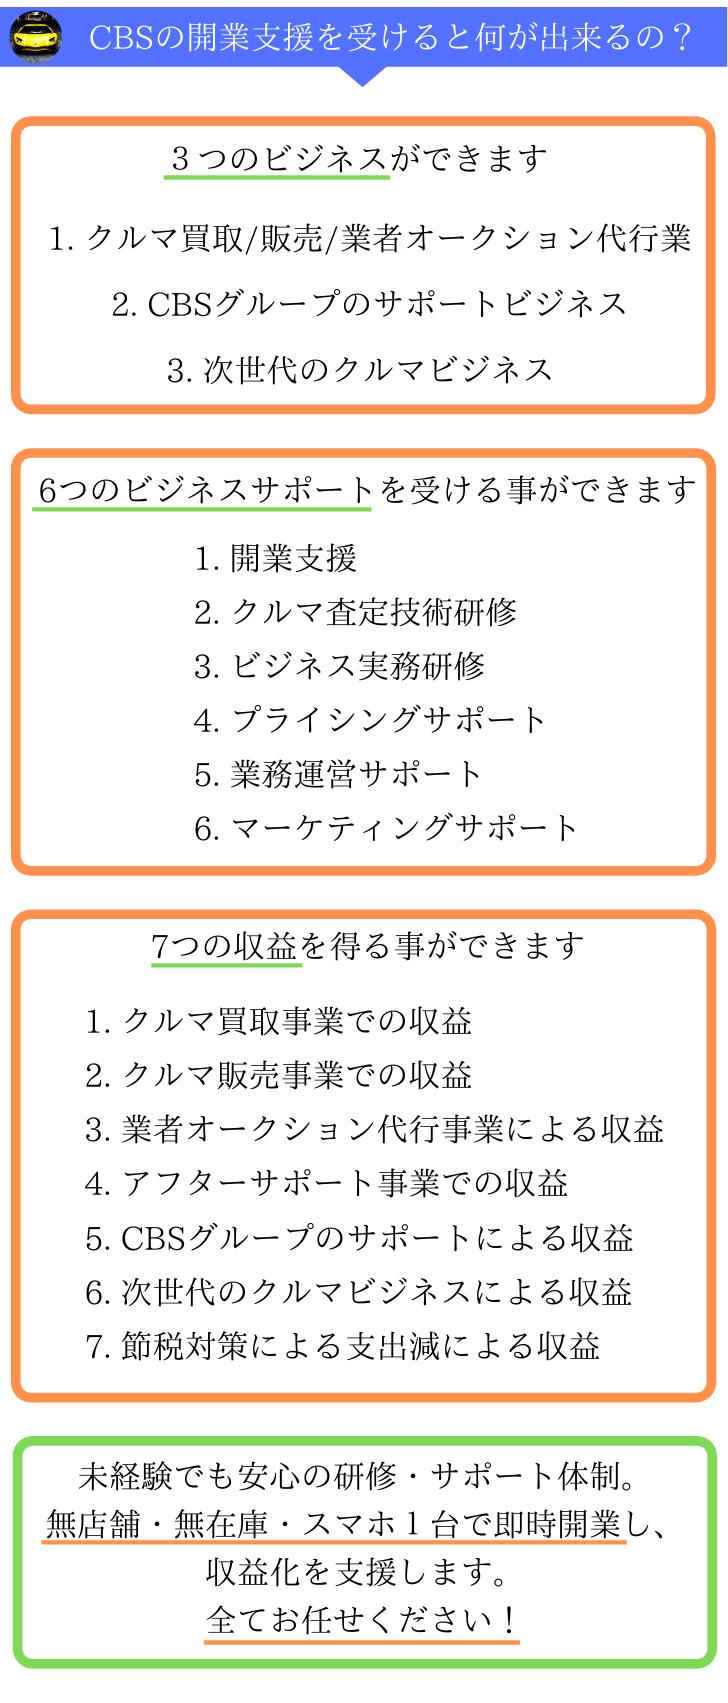 中古車買取店・販売店・業者オークション代行業を独立開業起業3-2